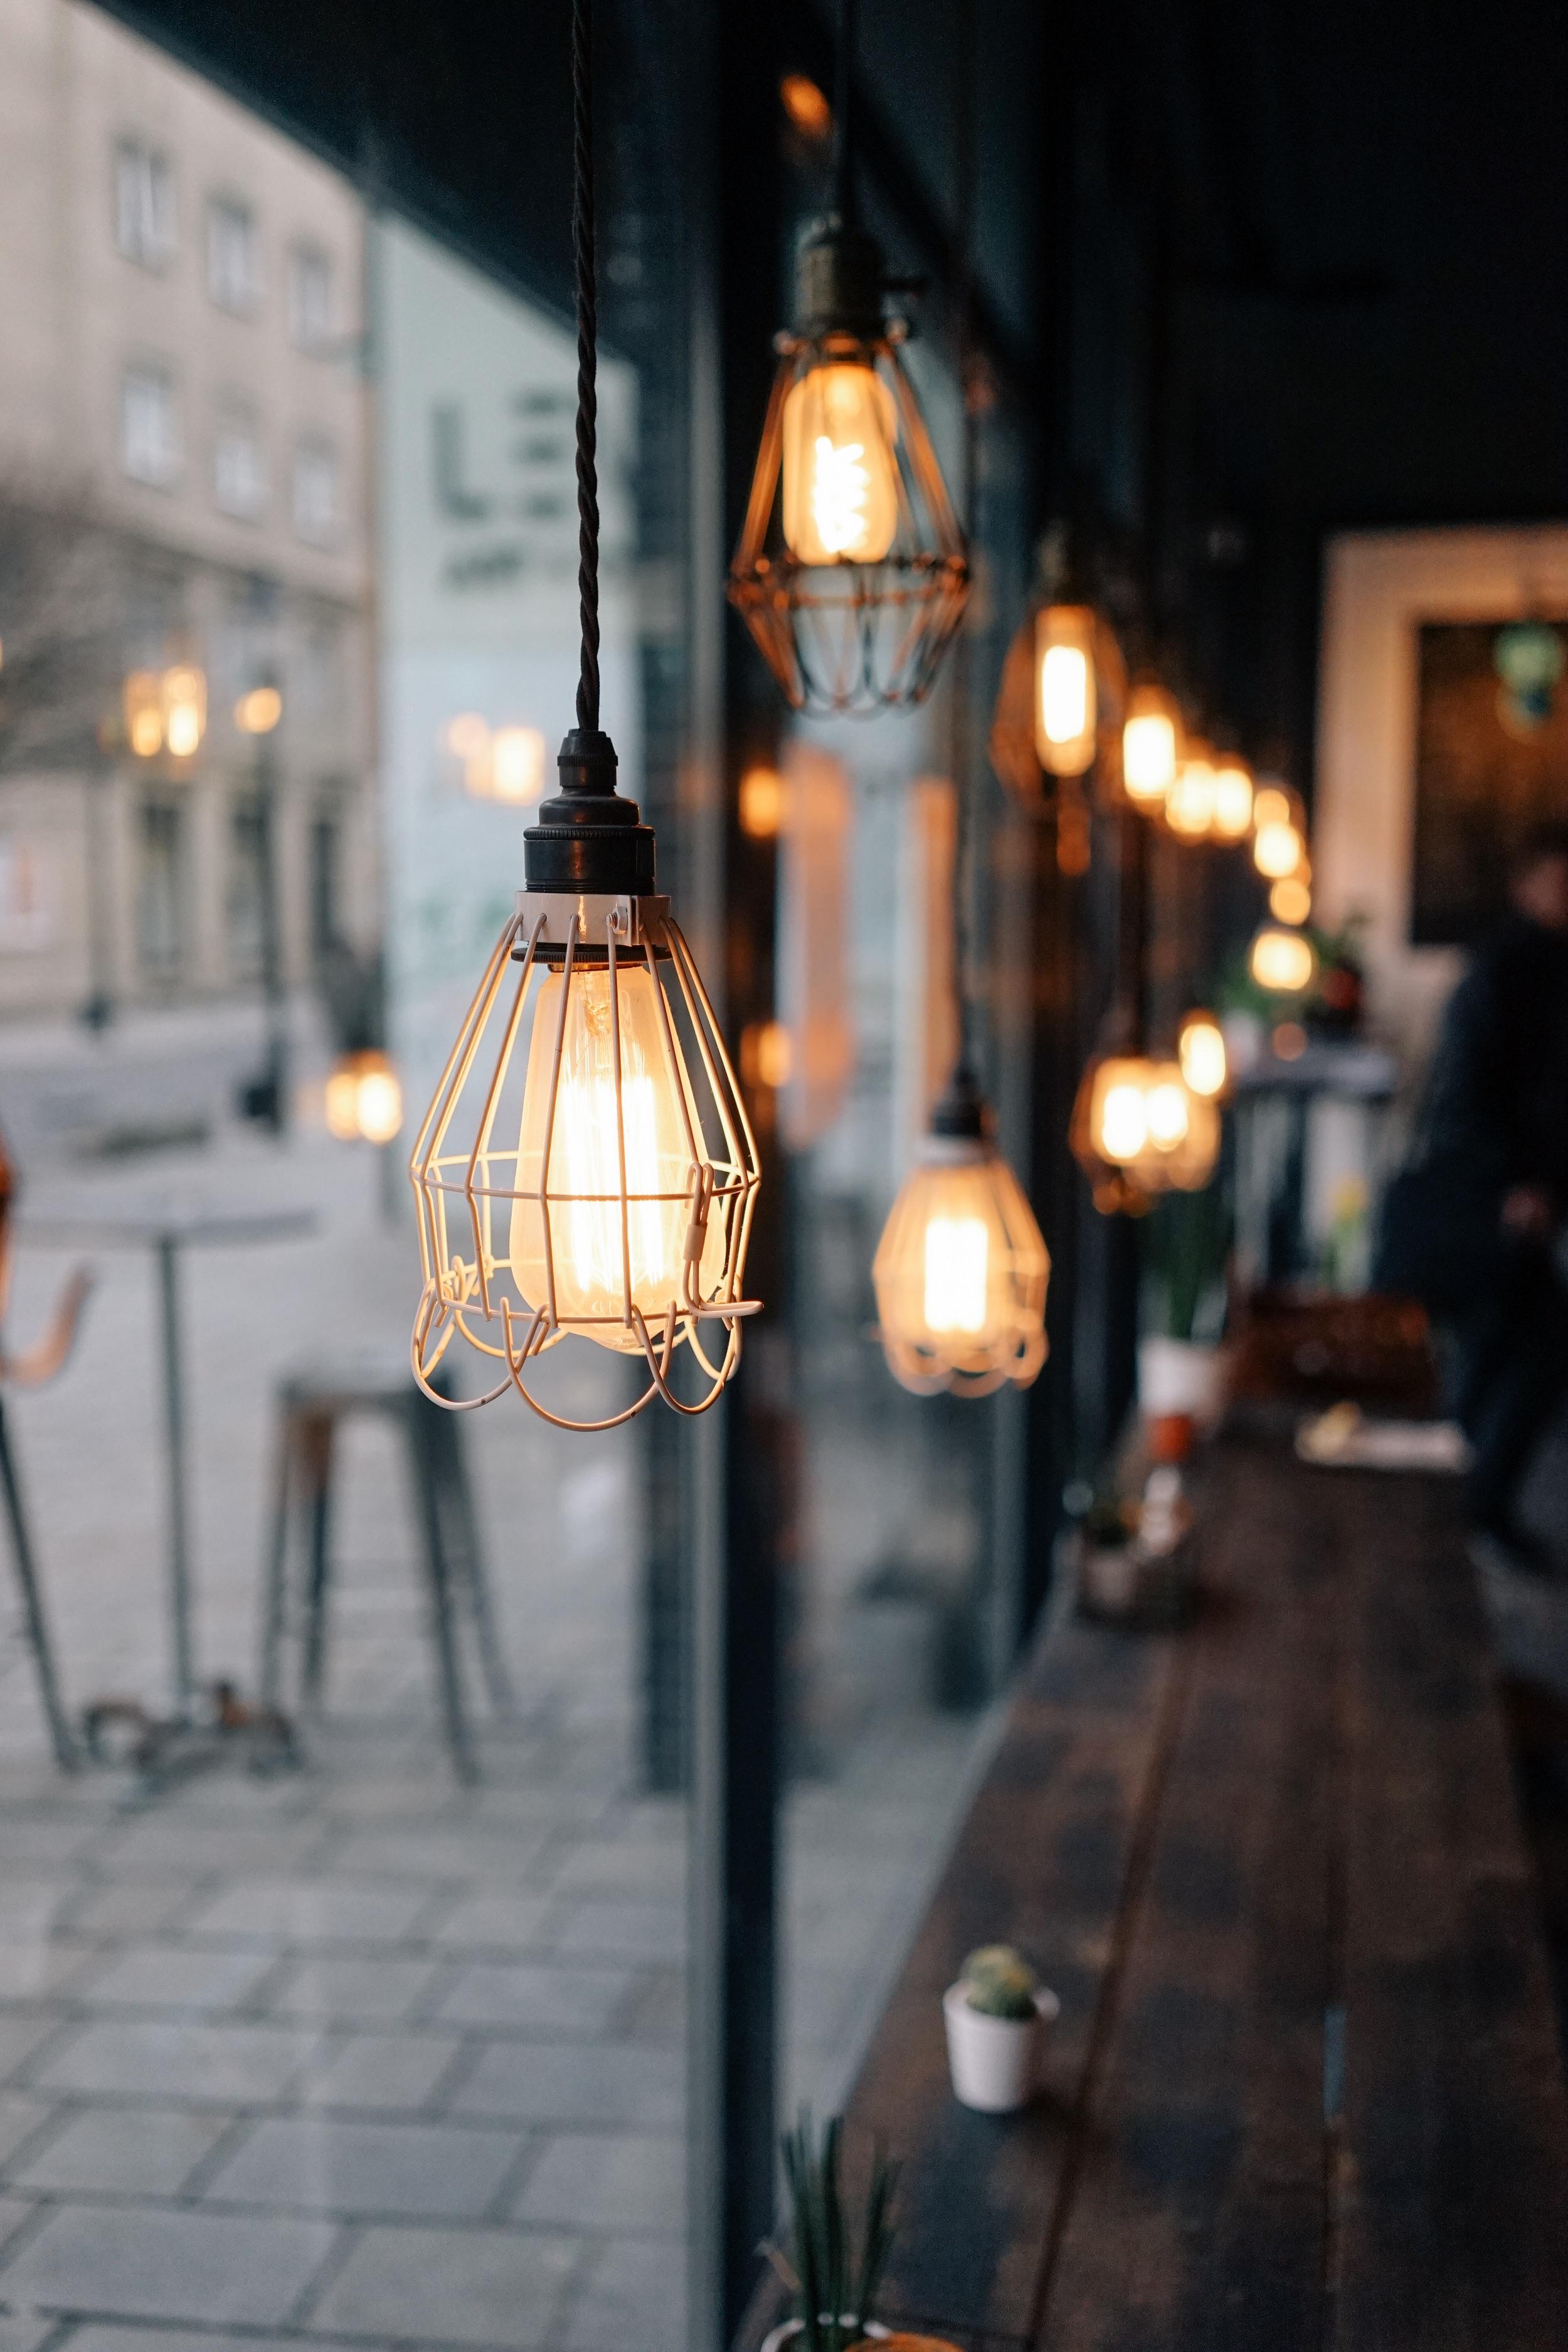 картинка с фонарем и лампочками когда это фанарты